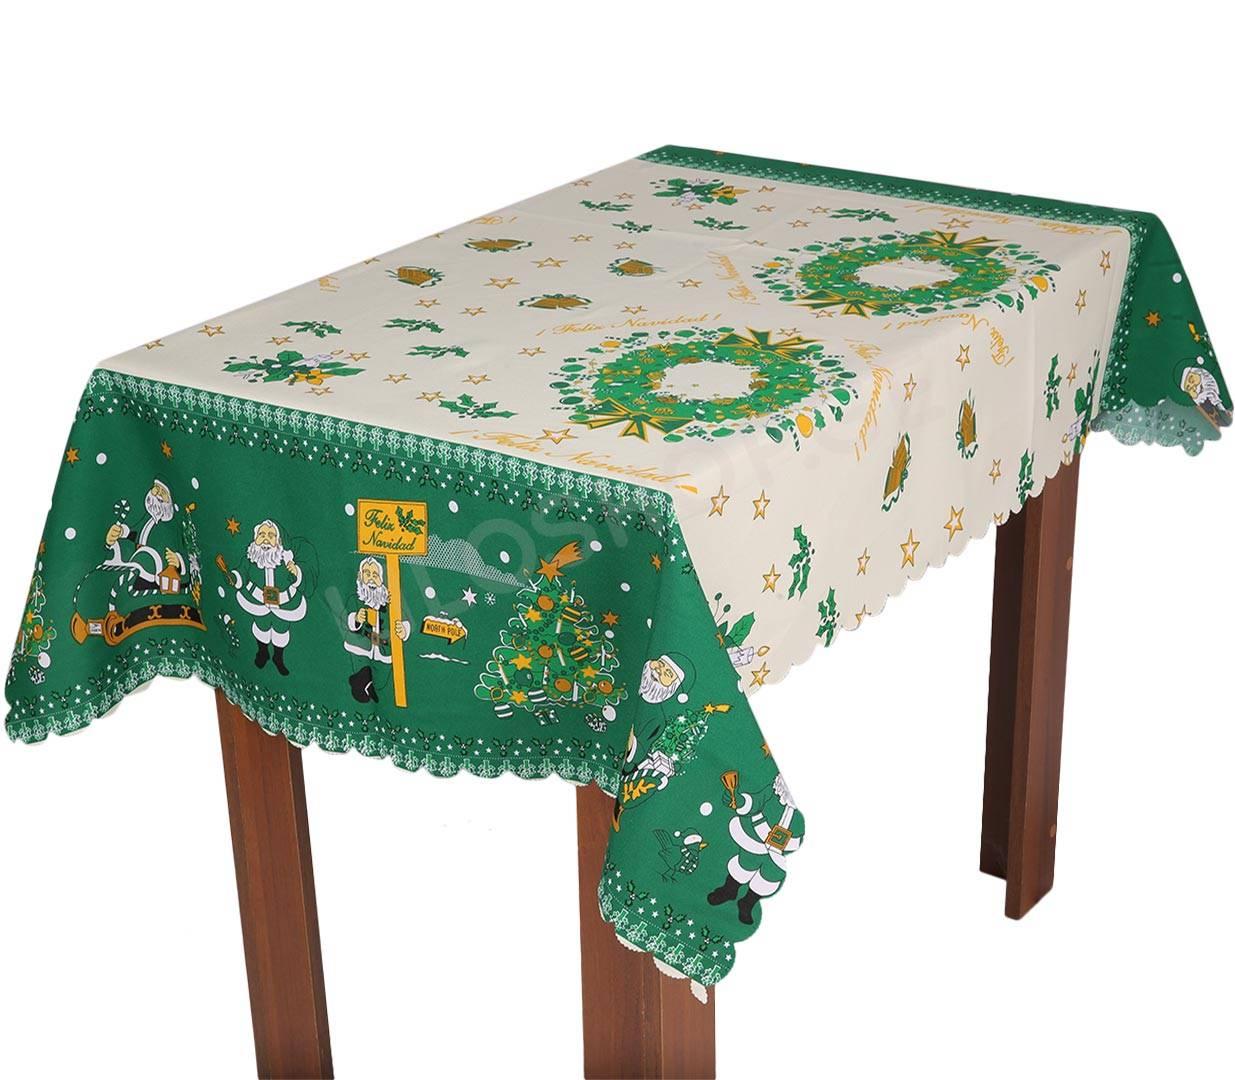 მაგიდის გადასაფარებელი თეთრი საახალწლო მწვანე პრინტით 100 ...